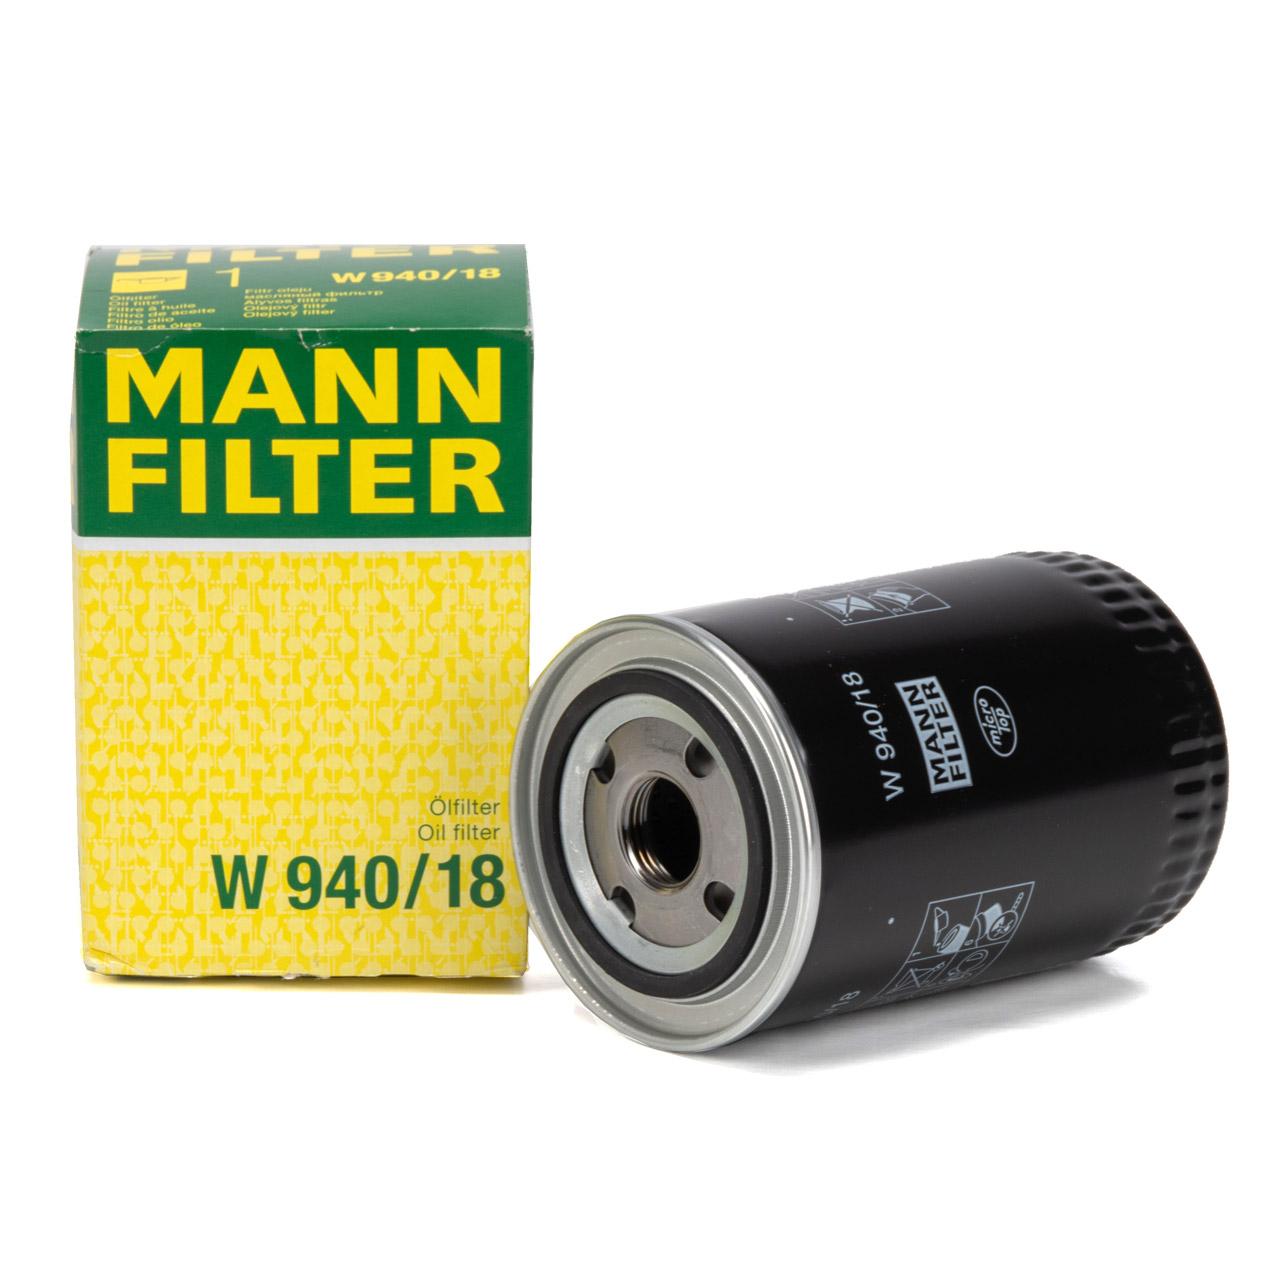 MANN W940/18 Ölfilter für Baumaschinen Traktor CASE DEUTZ JOHN DEERE STEYR